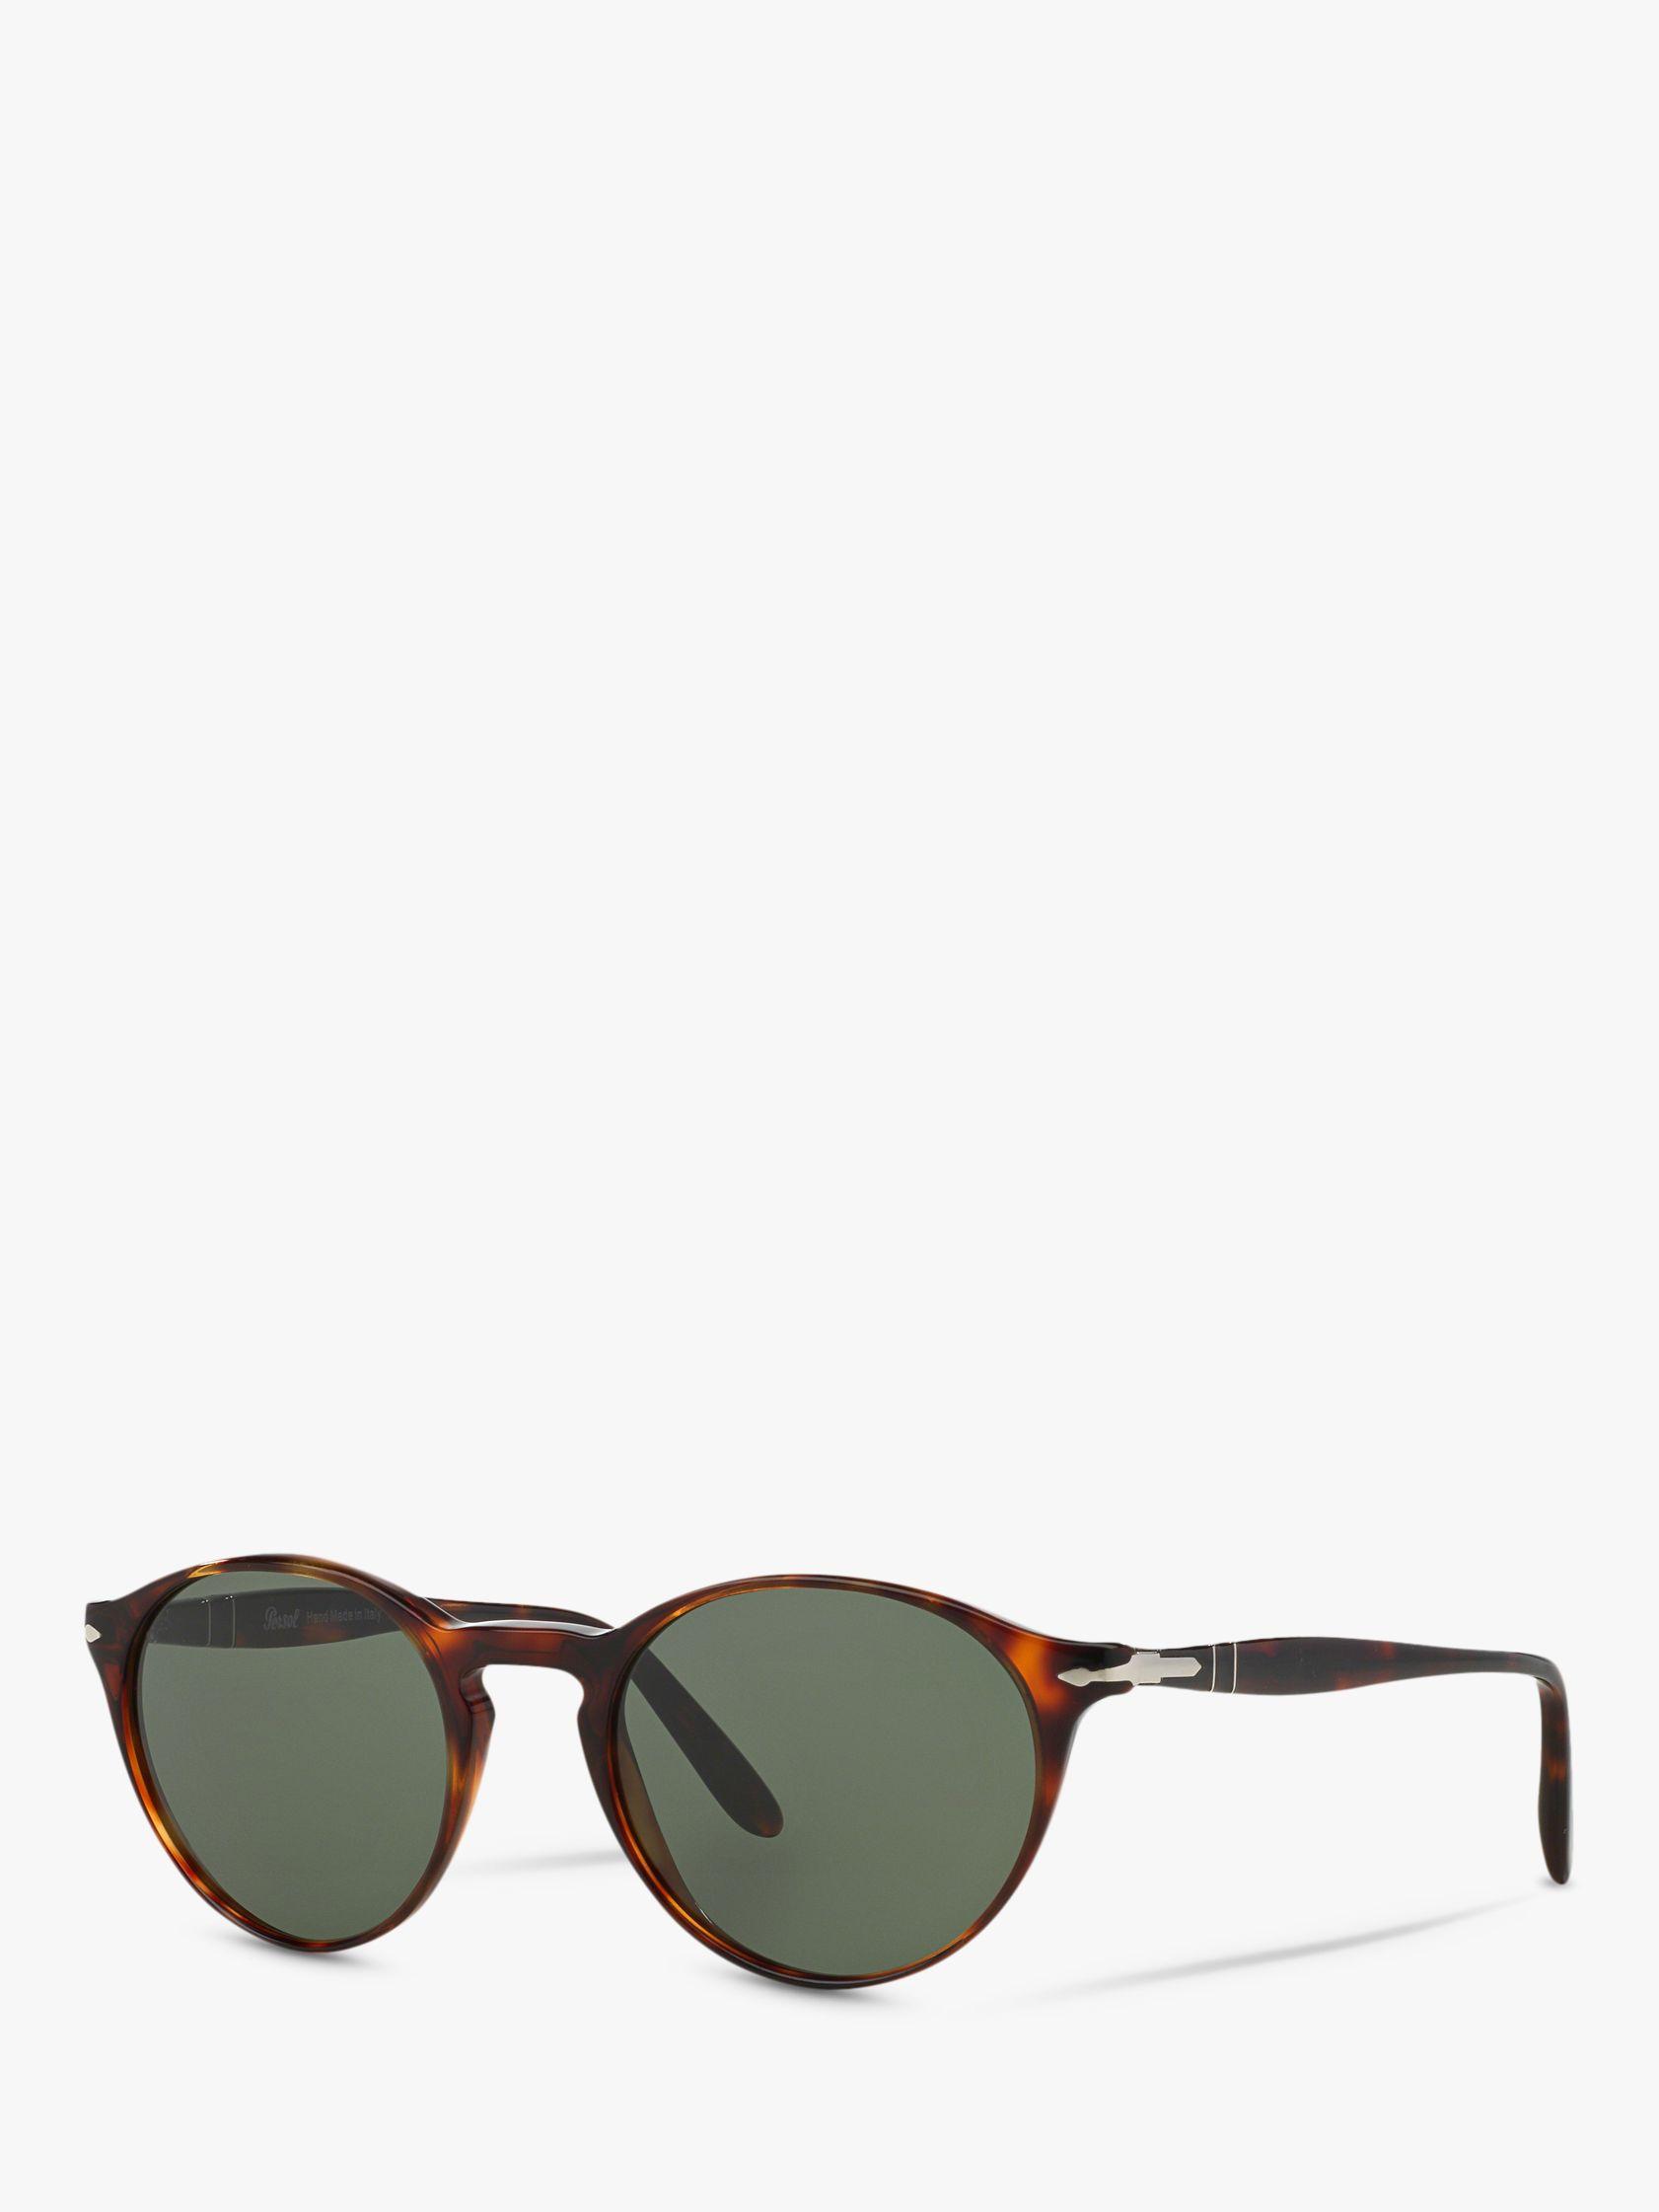 Persol Persol PO3092SM Men's Oval Sunglasses, Tortoise/Green